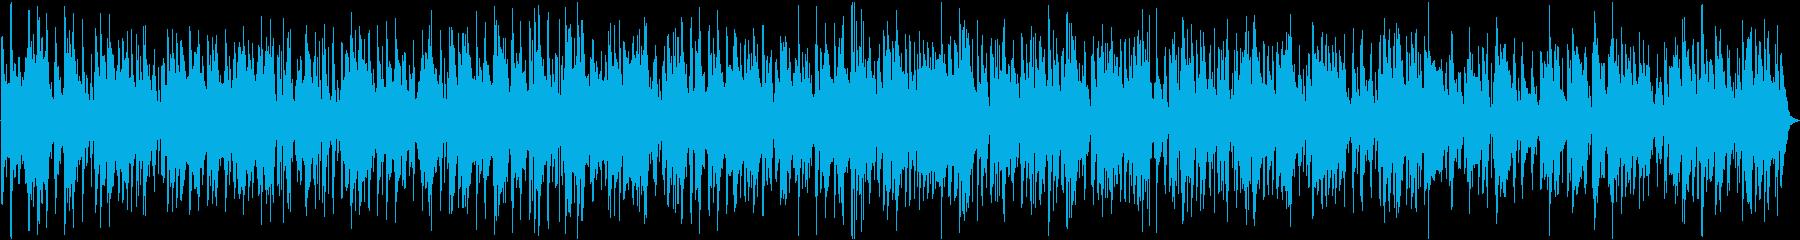 しっとり静かニューヨーク風ジャズバラードの再生済みの波形